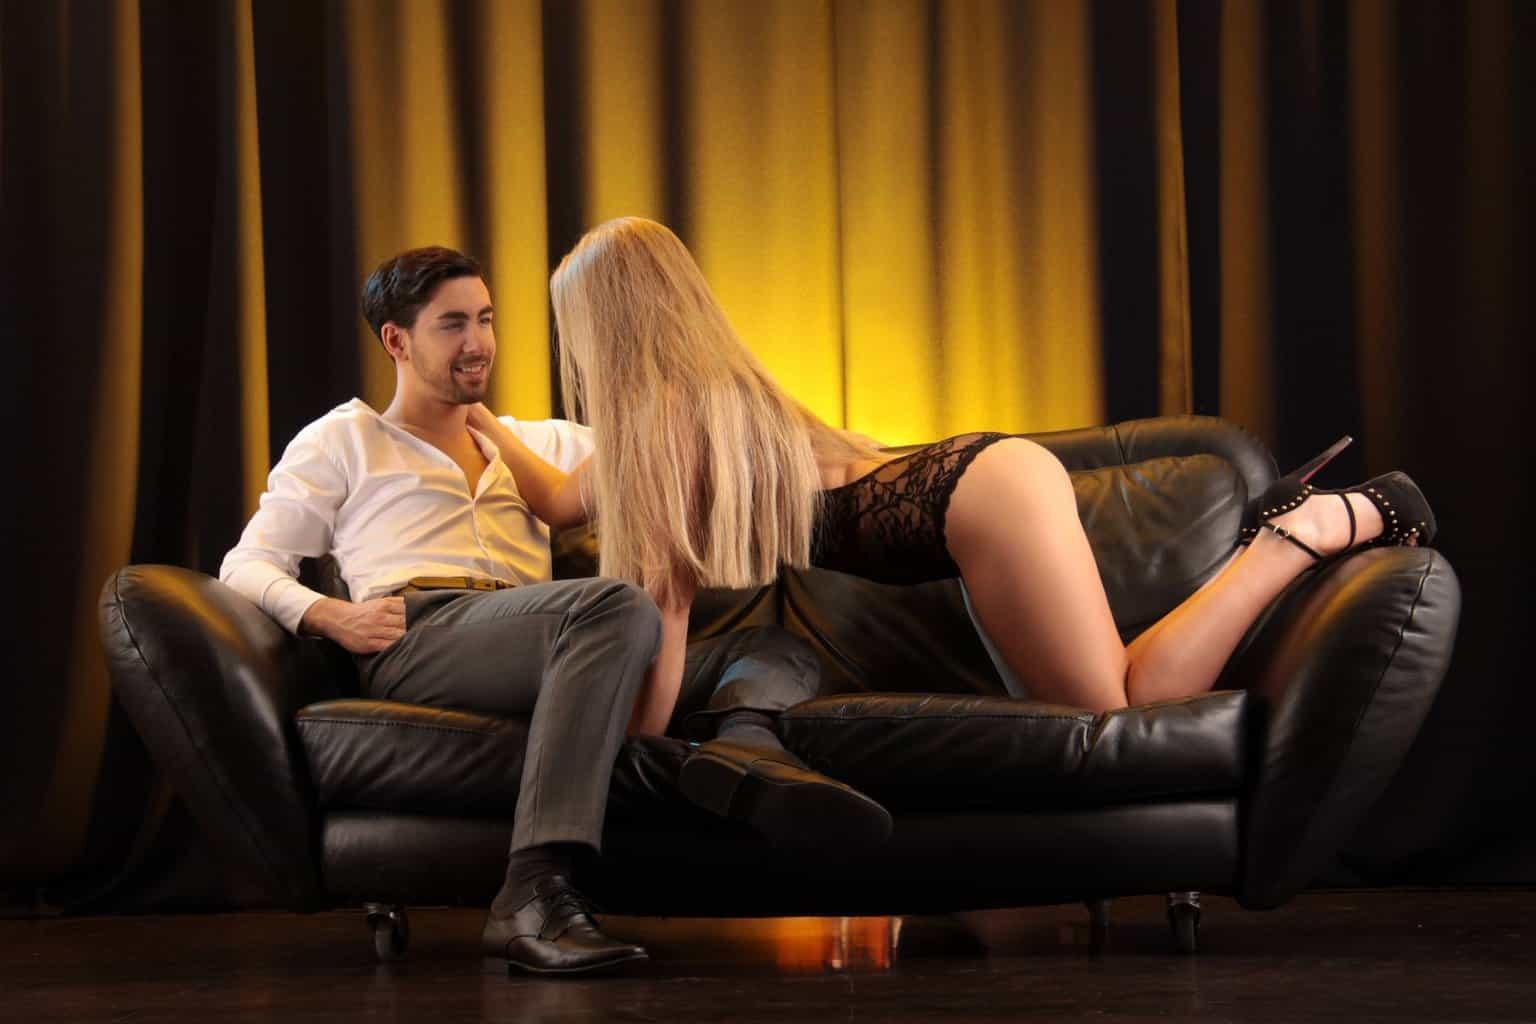 Das perfekte Date in Deiner Wohnung Frau verführt Mann